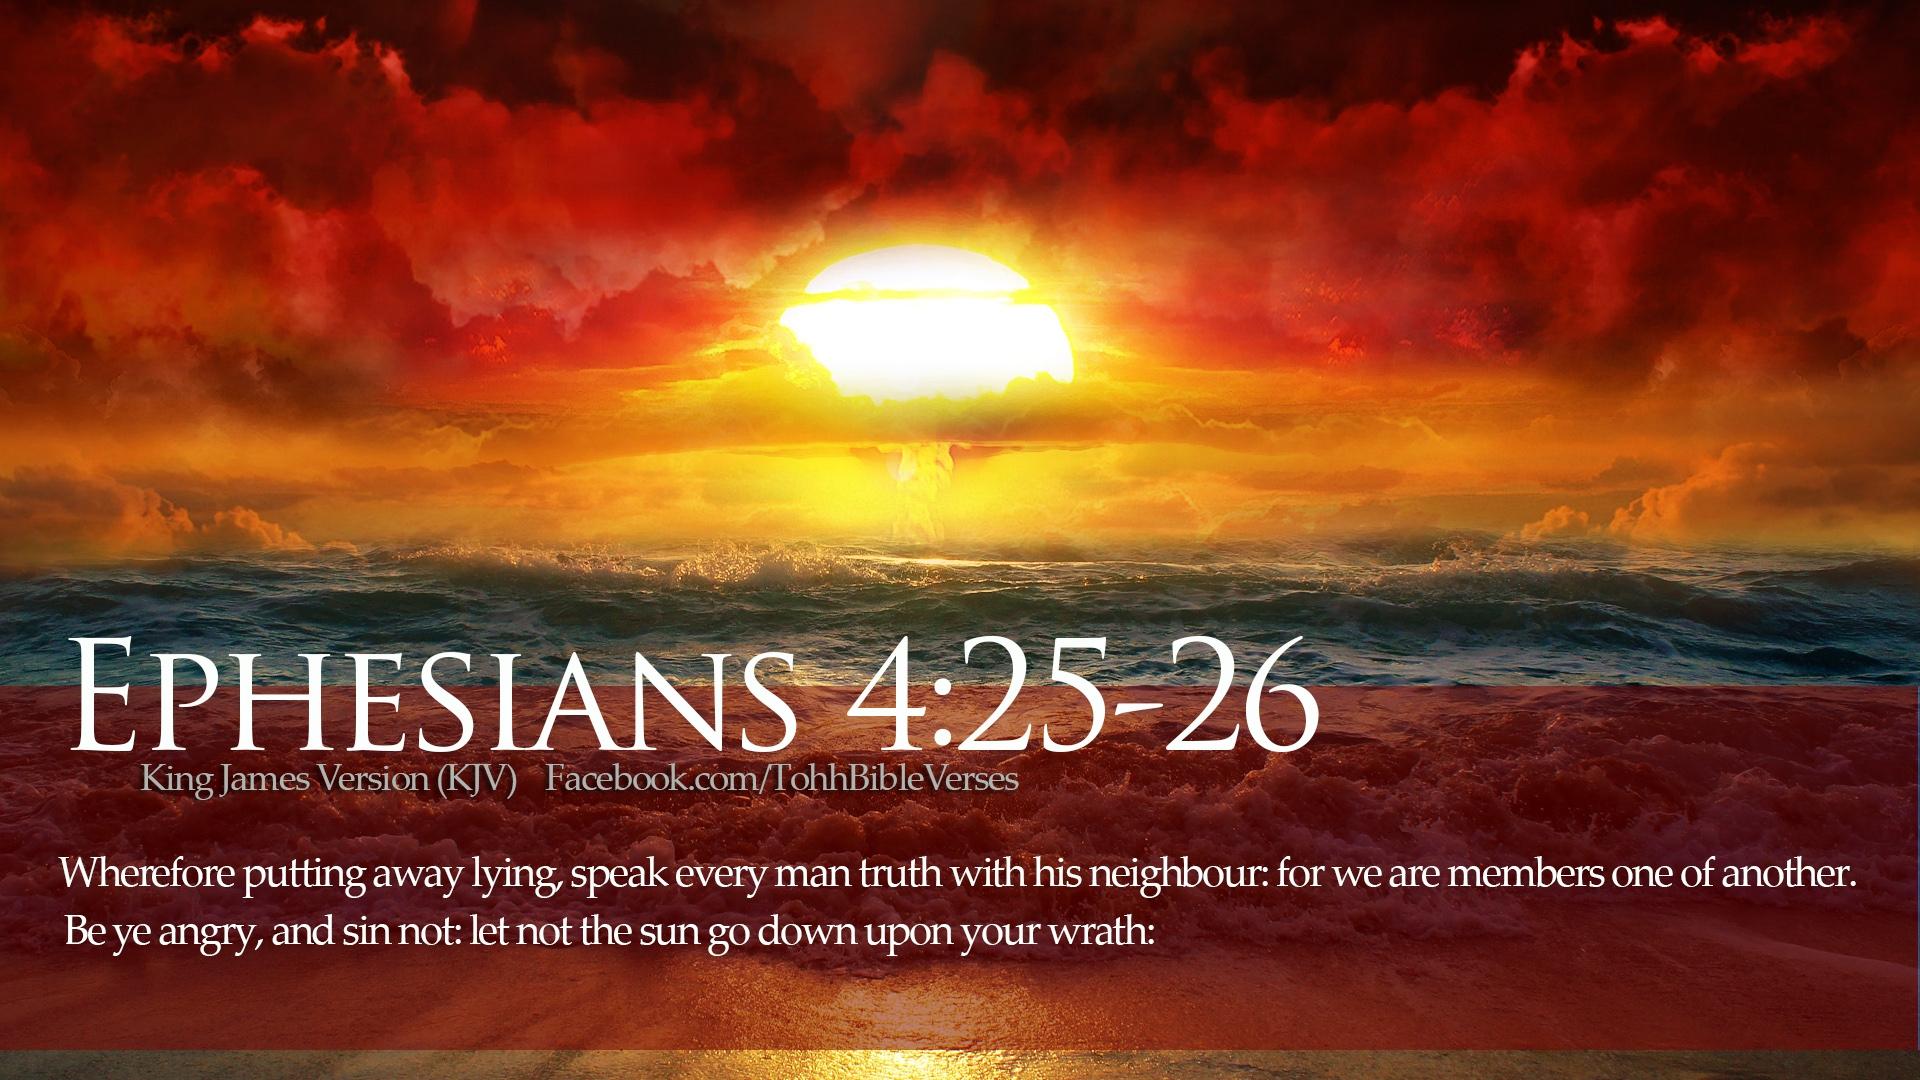 poster bible verses e wallpaper 1920x1080 194671 WallpaperUP 1920x1080